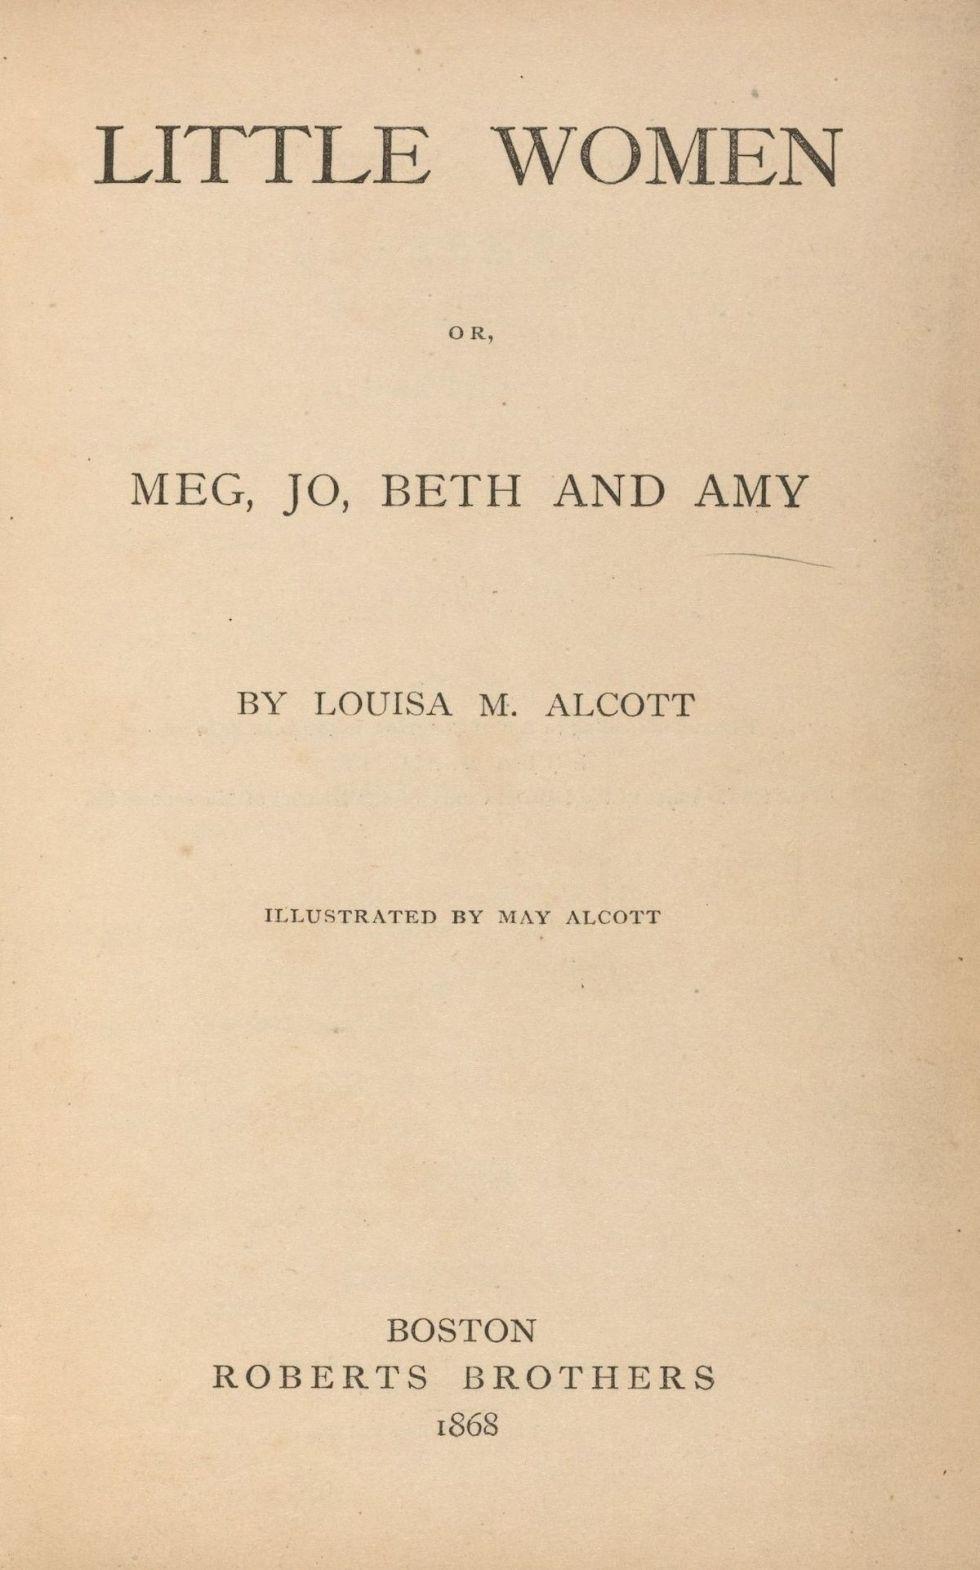 2020/11/little-women-1868.jpg?fit=1200,1923&ssl=1